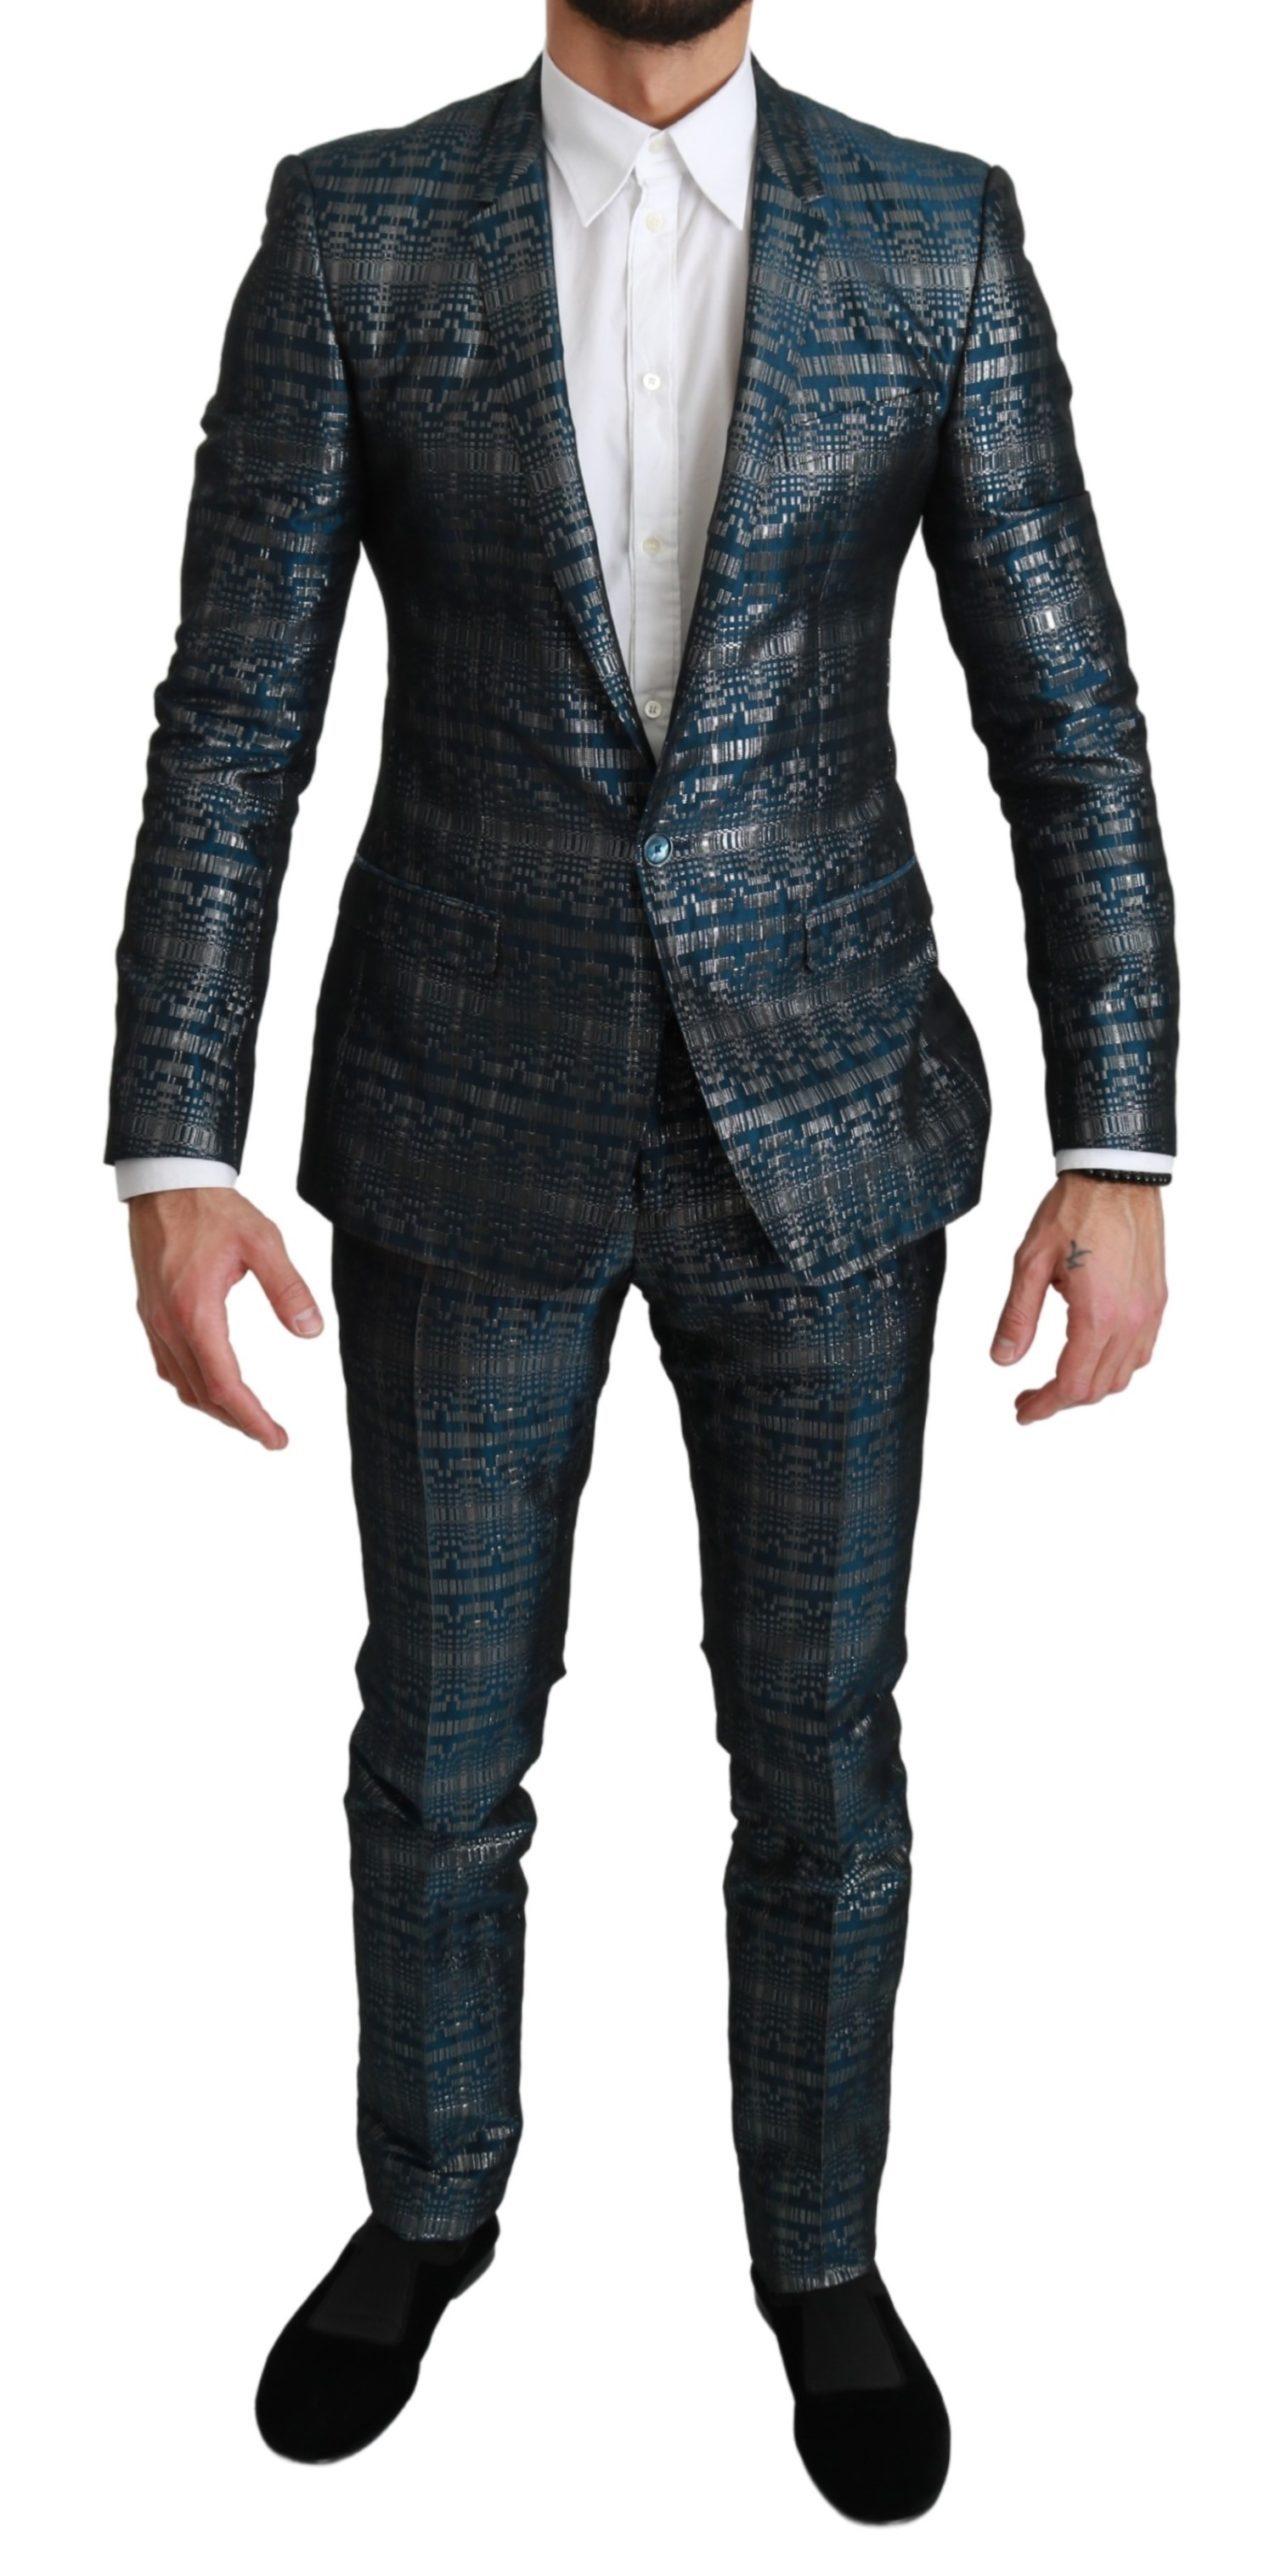 Dolce & Gabbana Men's GOLD Jacquard 2 Piece Suit Blue KOS1665 - IT46 | S